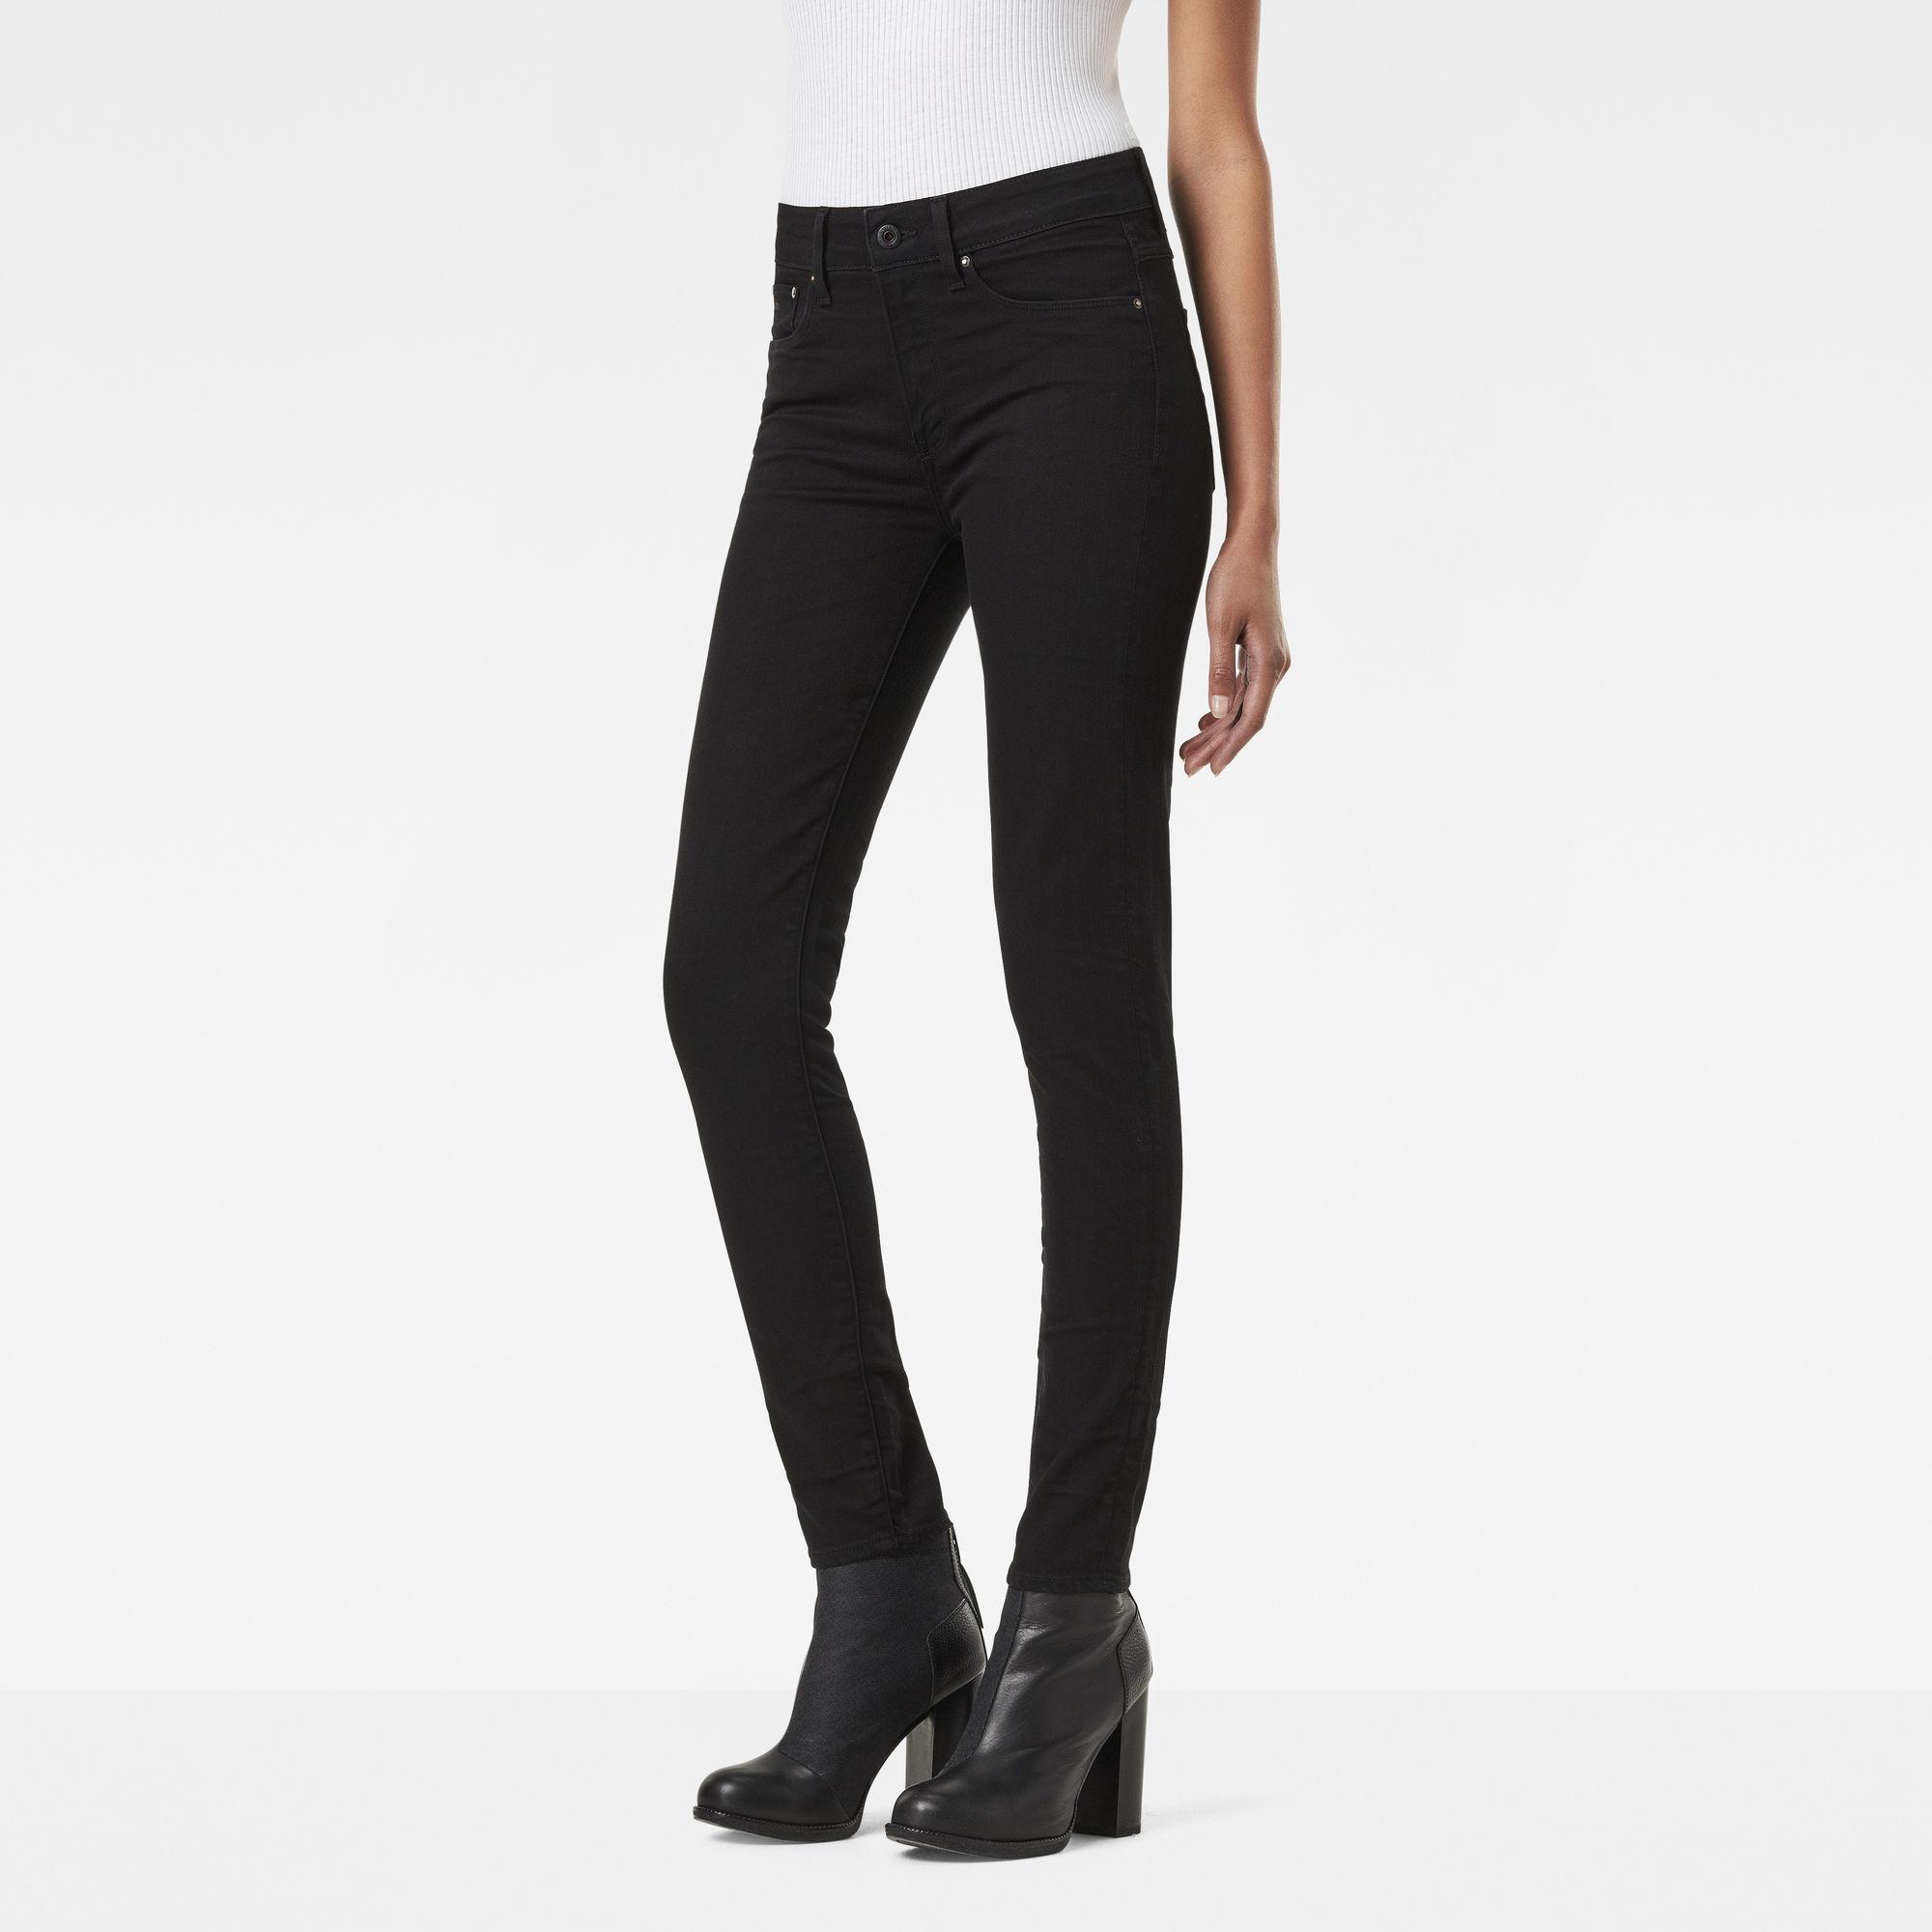 3301 Ultra High Super Skinny Jeans Dark Denim maat 23-30 van G-Star RAW snel en voordelig in huis? Hier lukt het direct